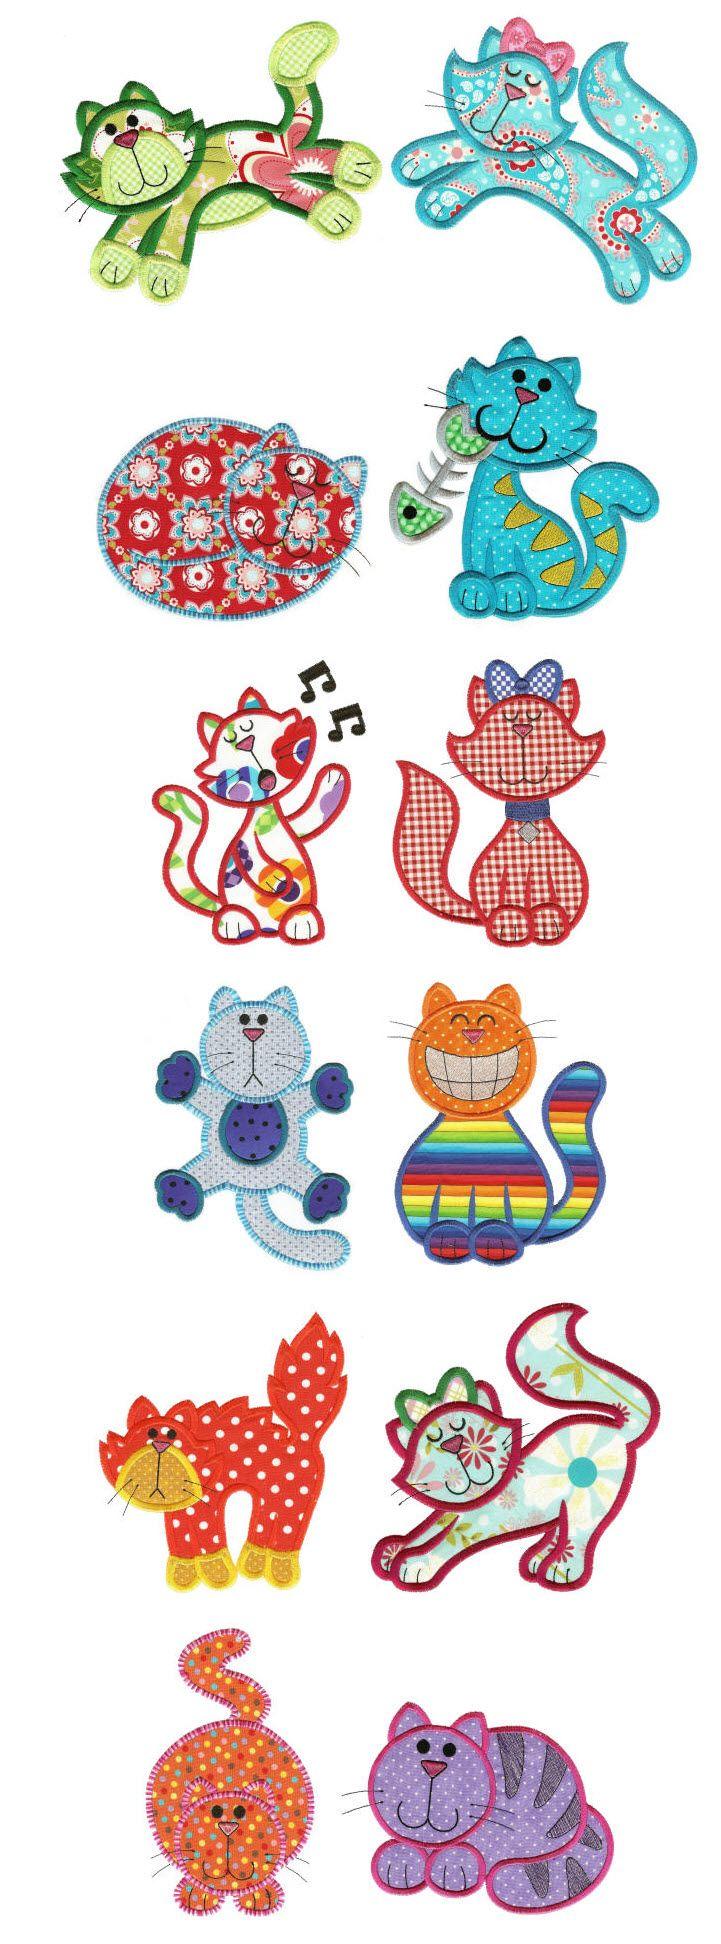 Bordados | Grátis Designs máquina de bordar | gatos loucos Applique